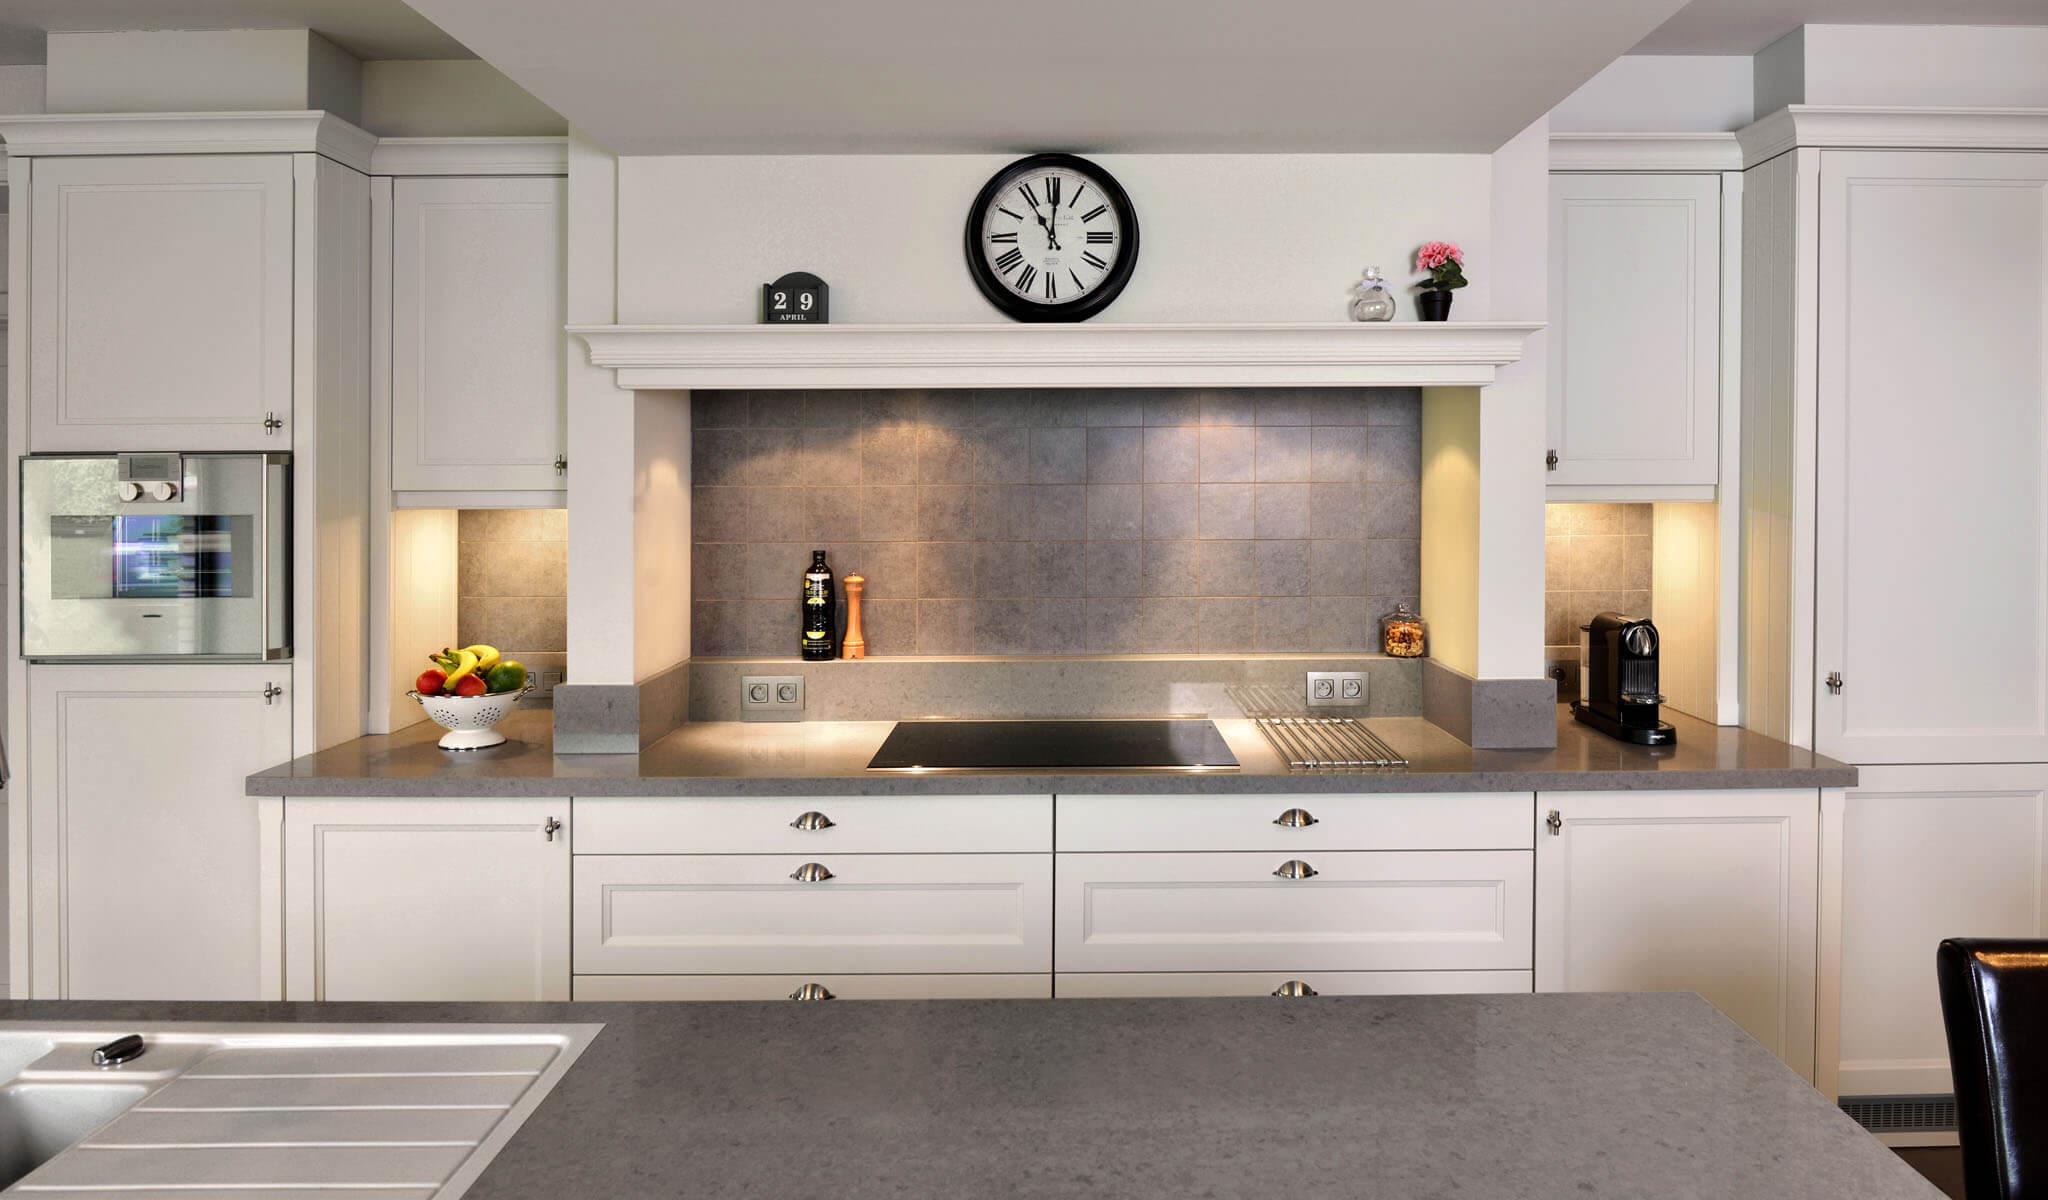 Landelijk Keuken Gietvloer : Landelijke vloer keuken realisatie keuken en pvc vloeren marboma